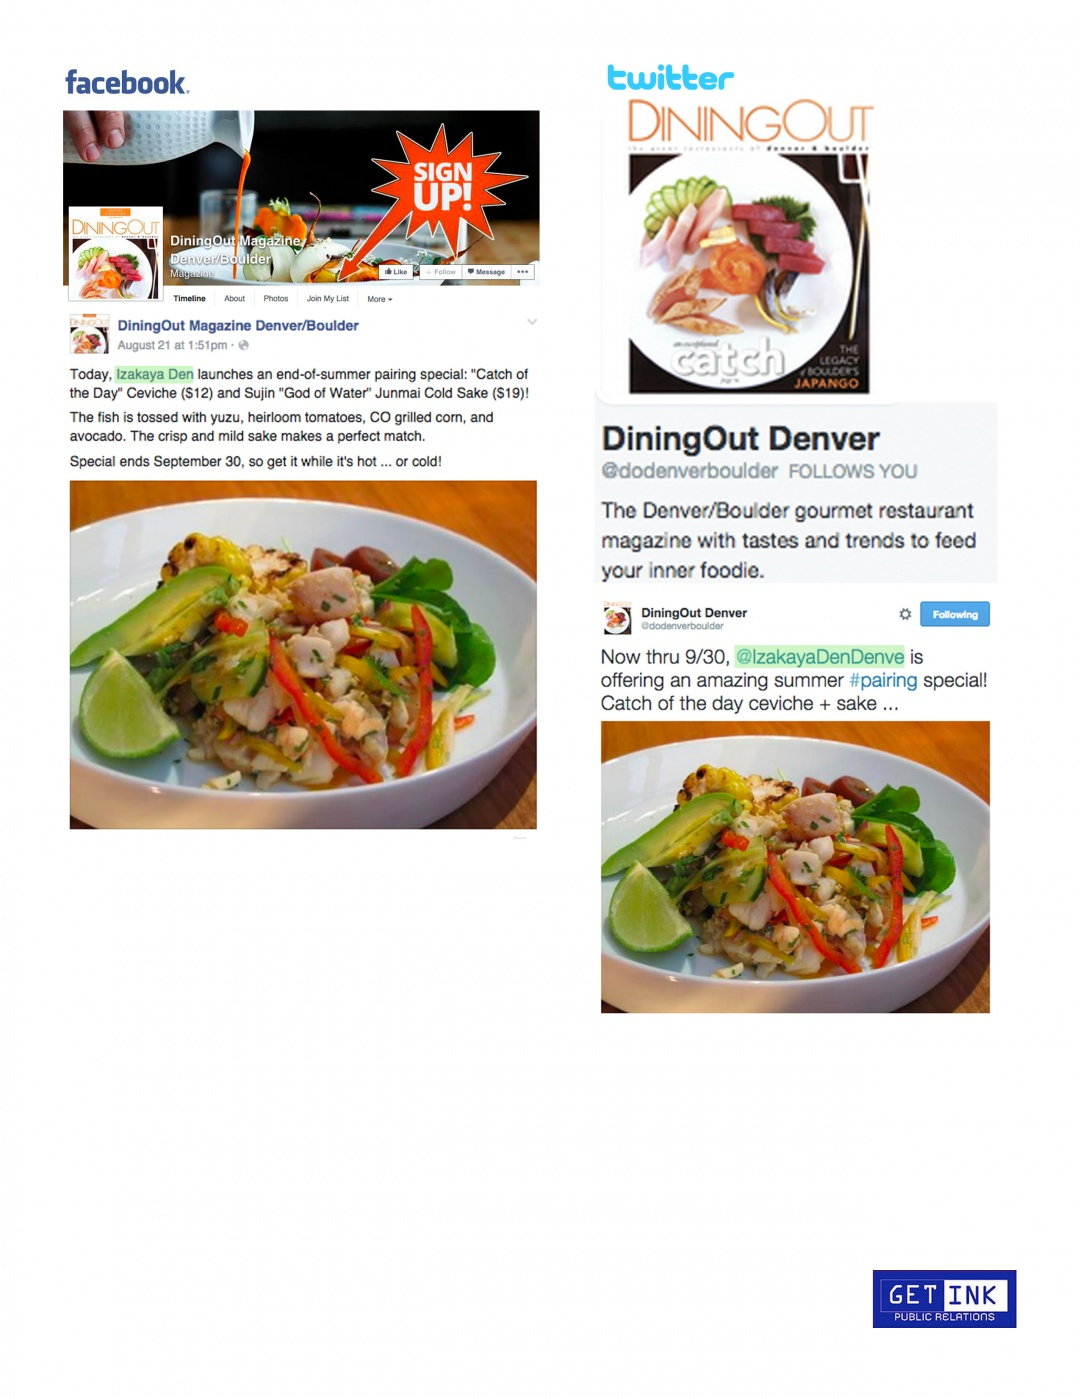 DiningOut Social Media 8.21.15